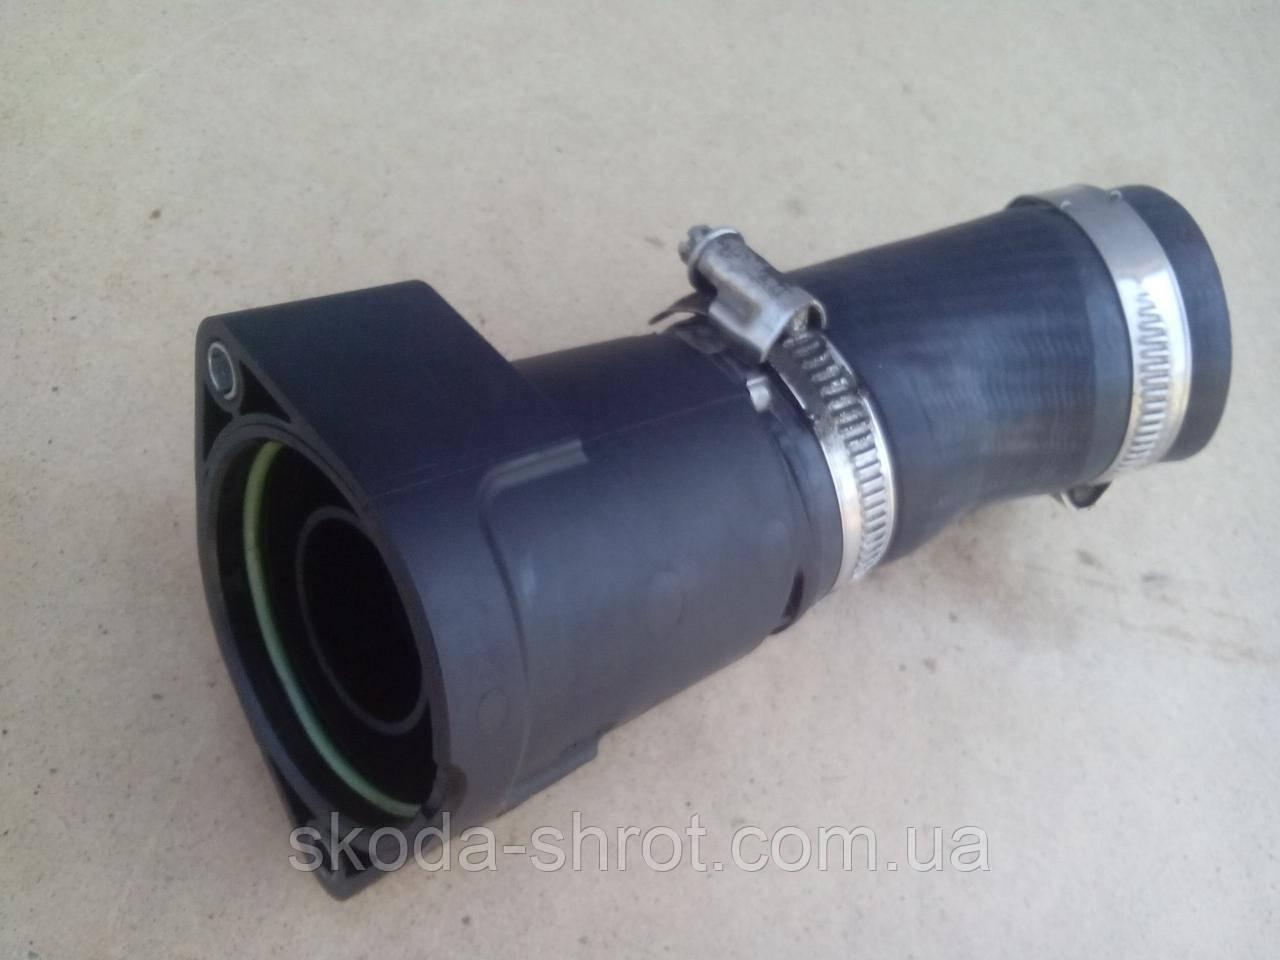 Глушитель  турбины  03L. 131. 111. J  Skoda Octavia A5     03L131111J